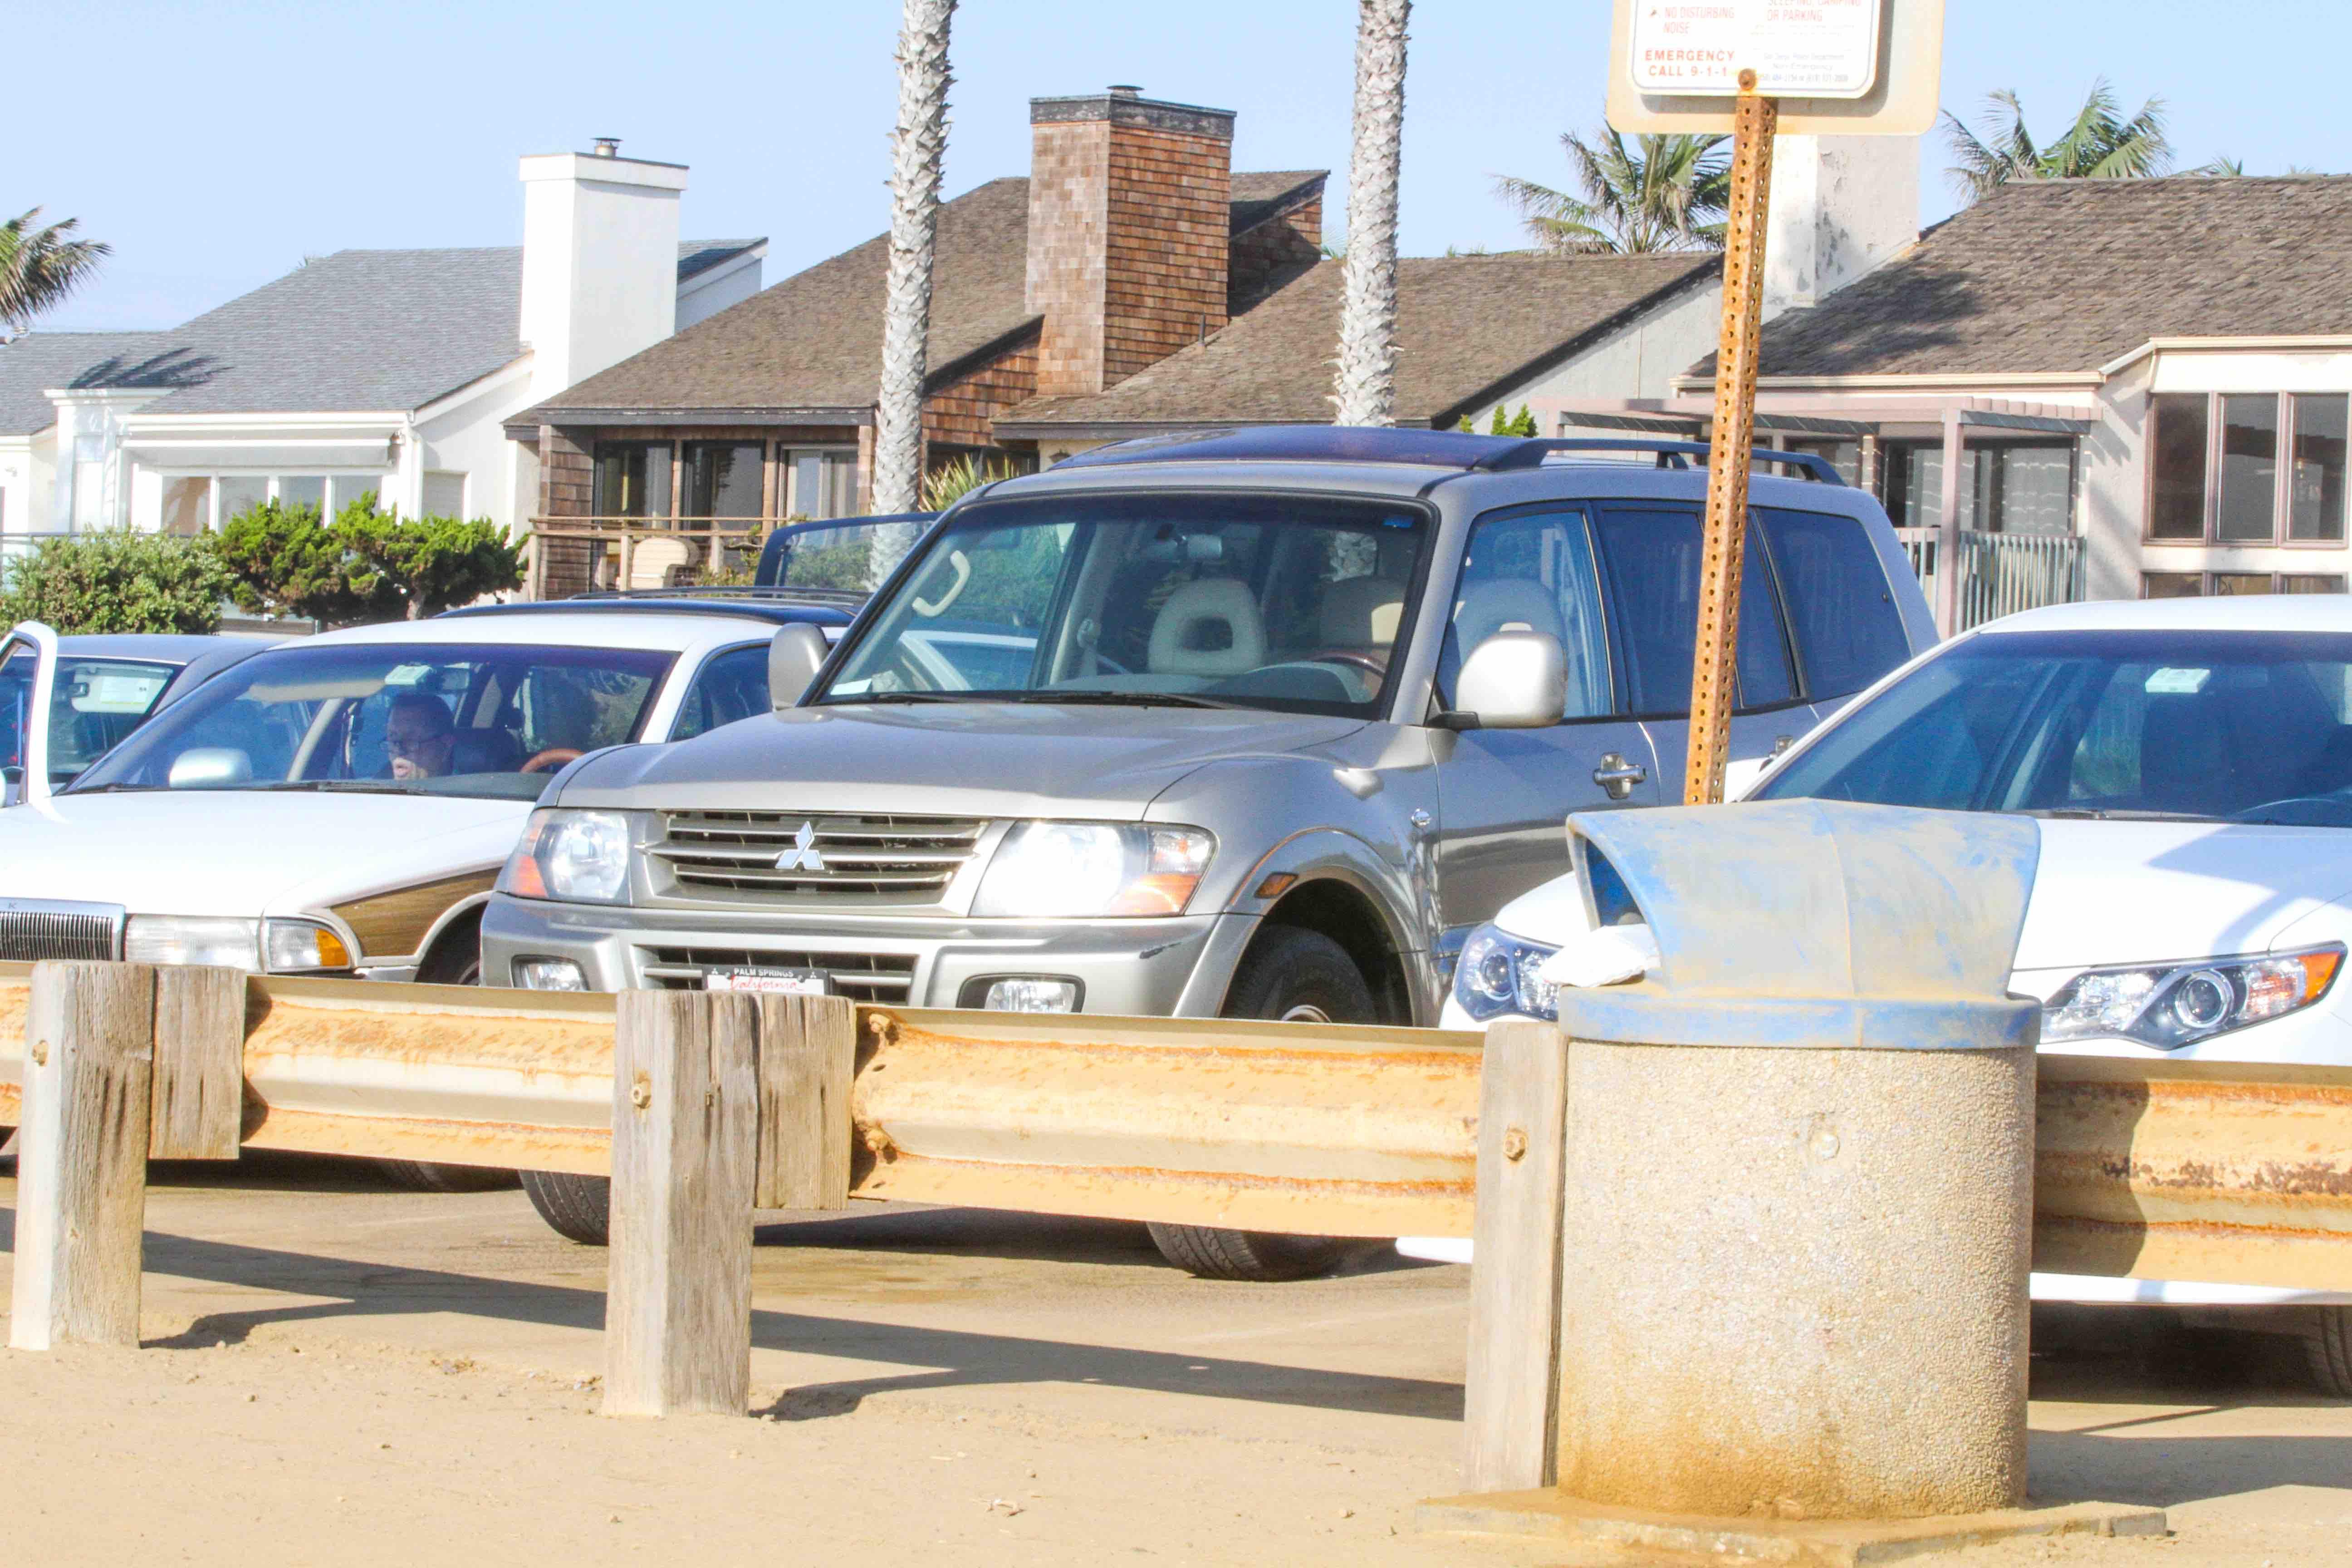 Maria gasolina passeando por San Diego